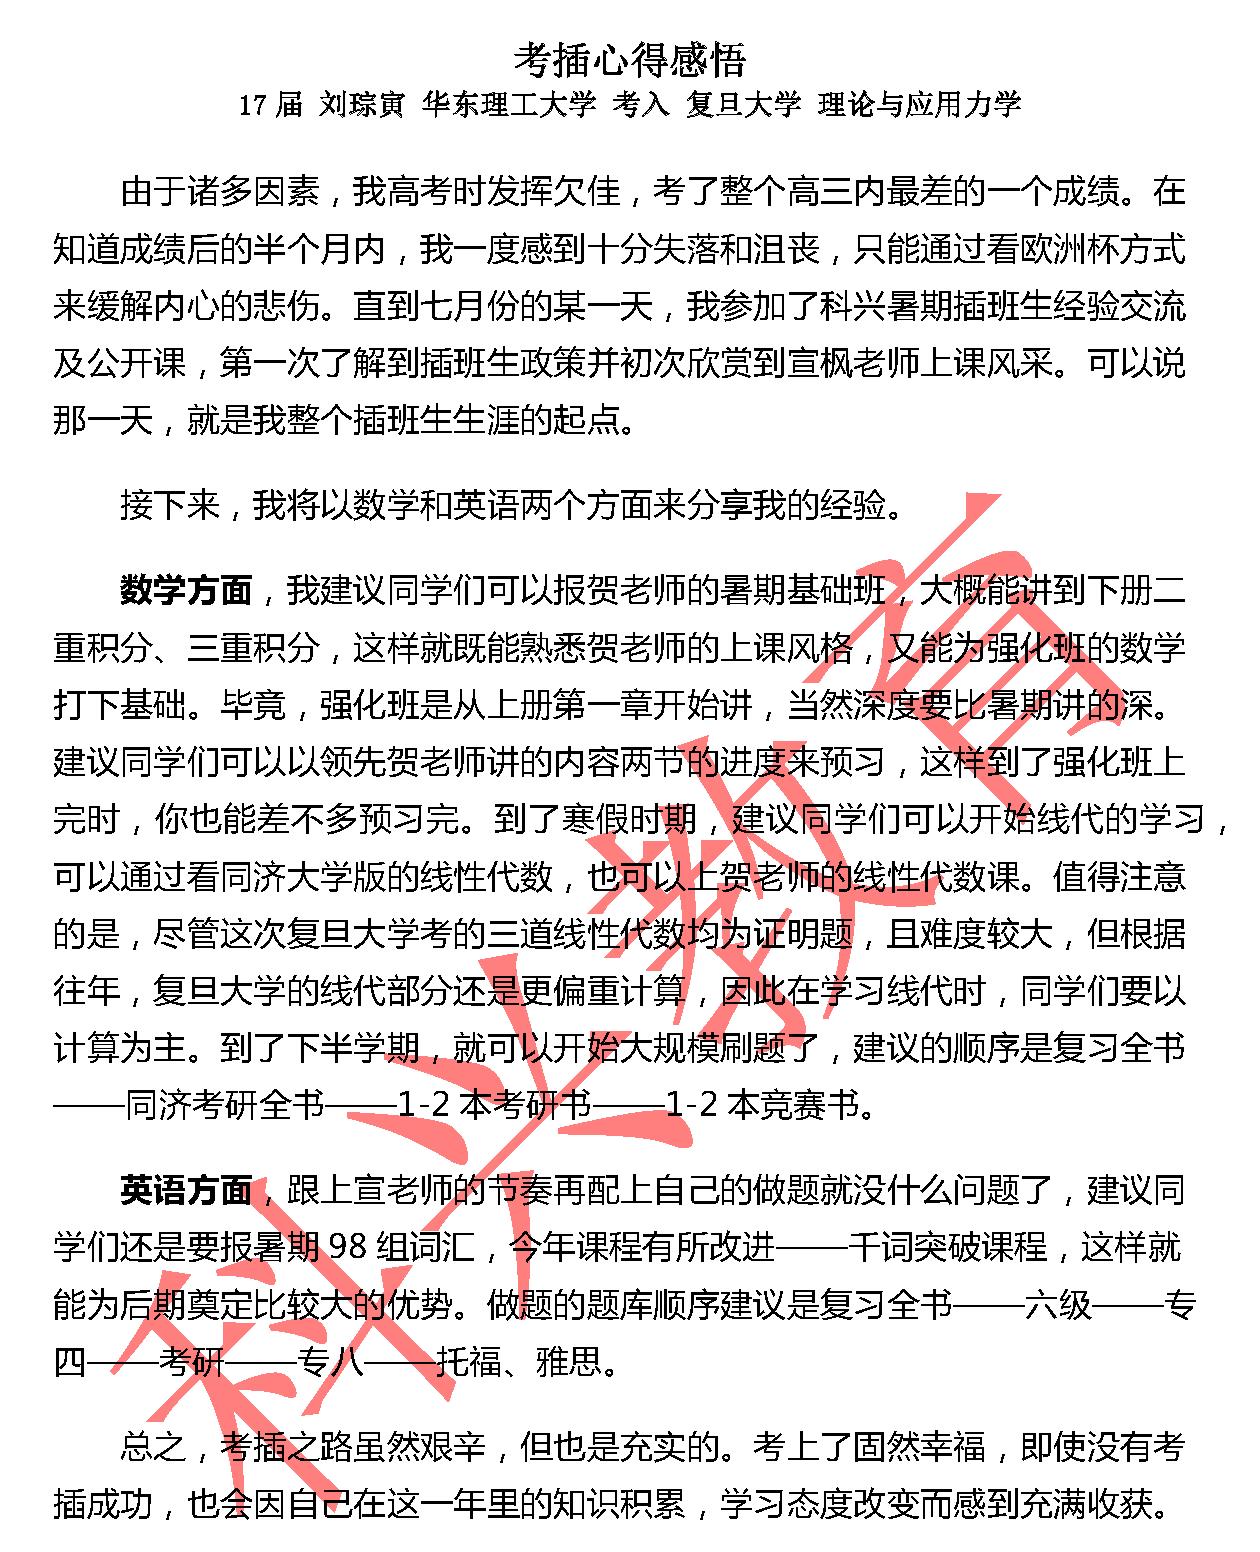 复旦刘琮寅:考插心得感悟(17届)